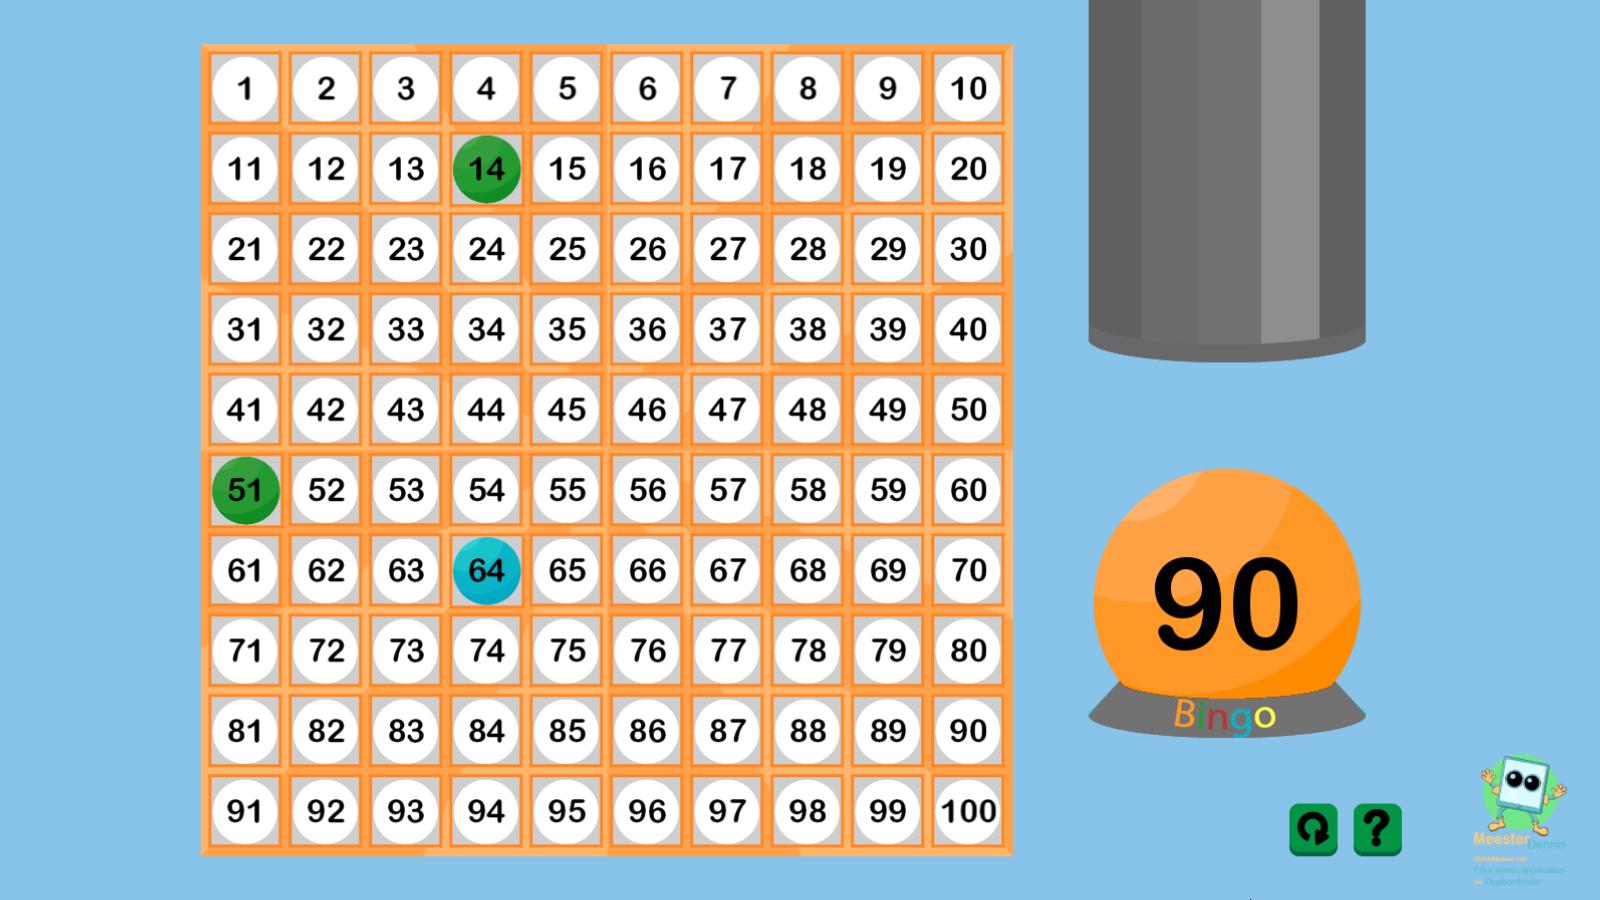 Top Manssen blogt Vanaf de Zijlijn: Gespot! Prachtig 'bingo'-spel van  NN15